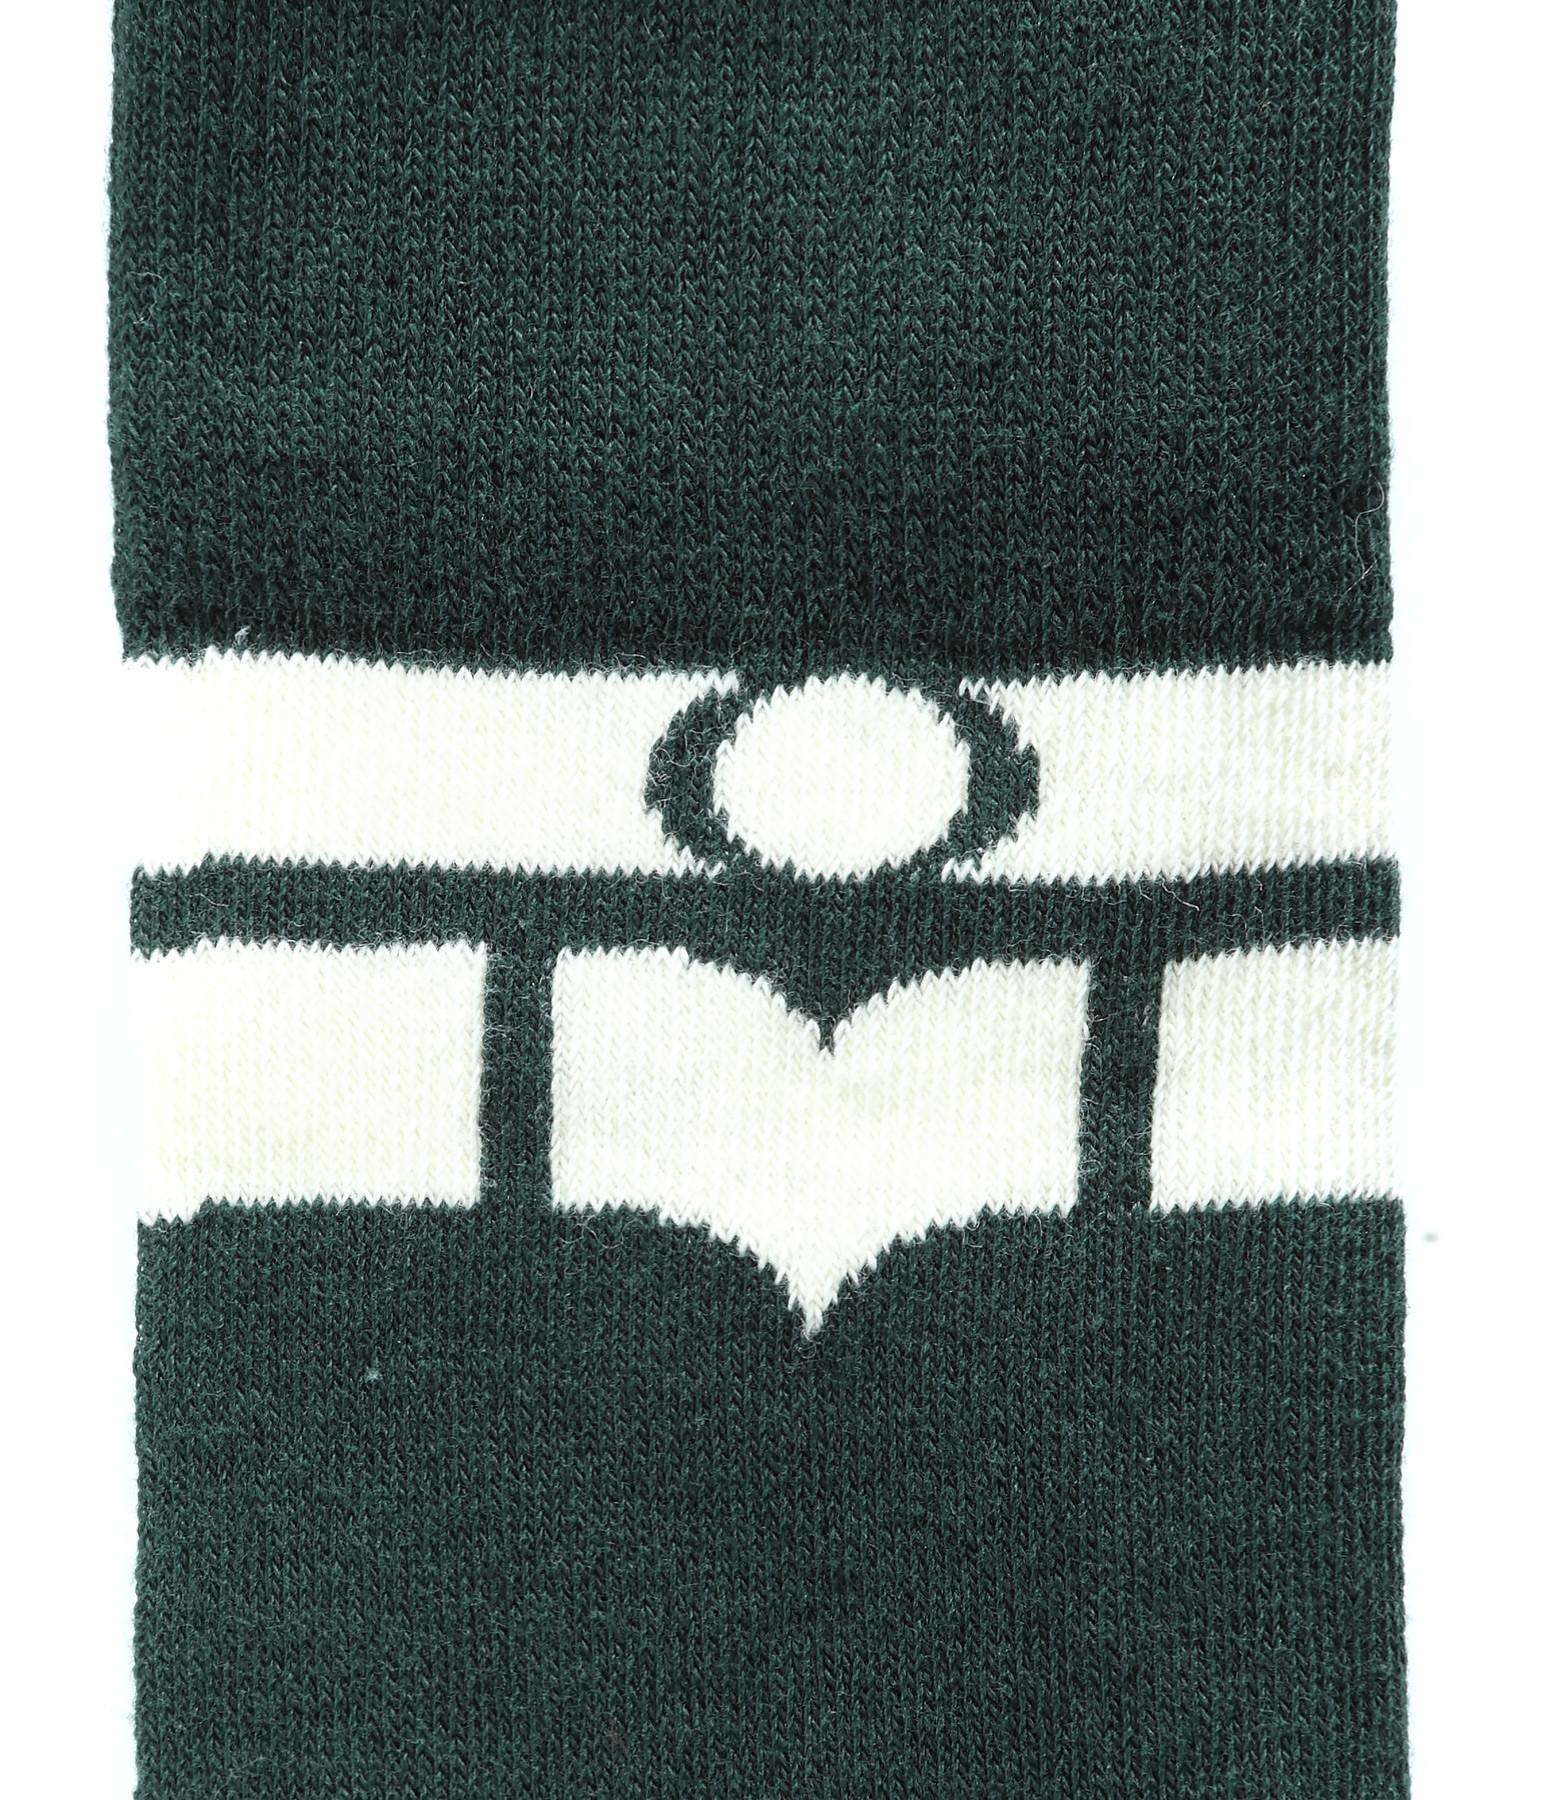 ISABEL MARANT ETOILE - Chaussettes Vibe Coton Vert Foncé